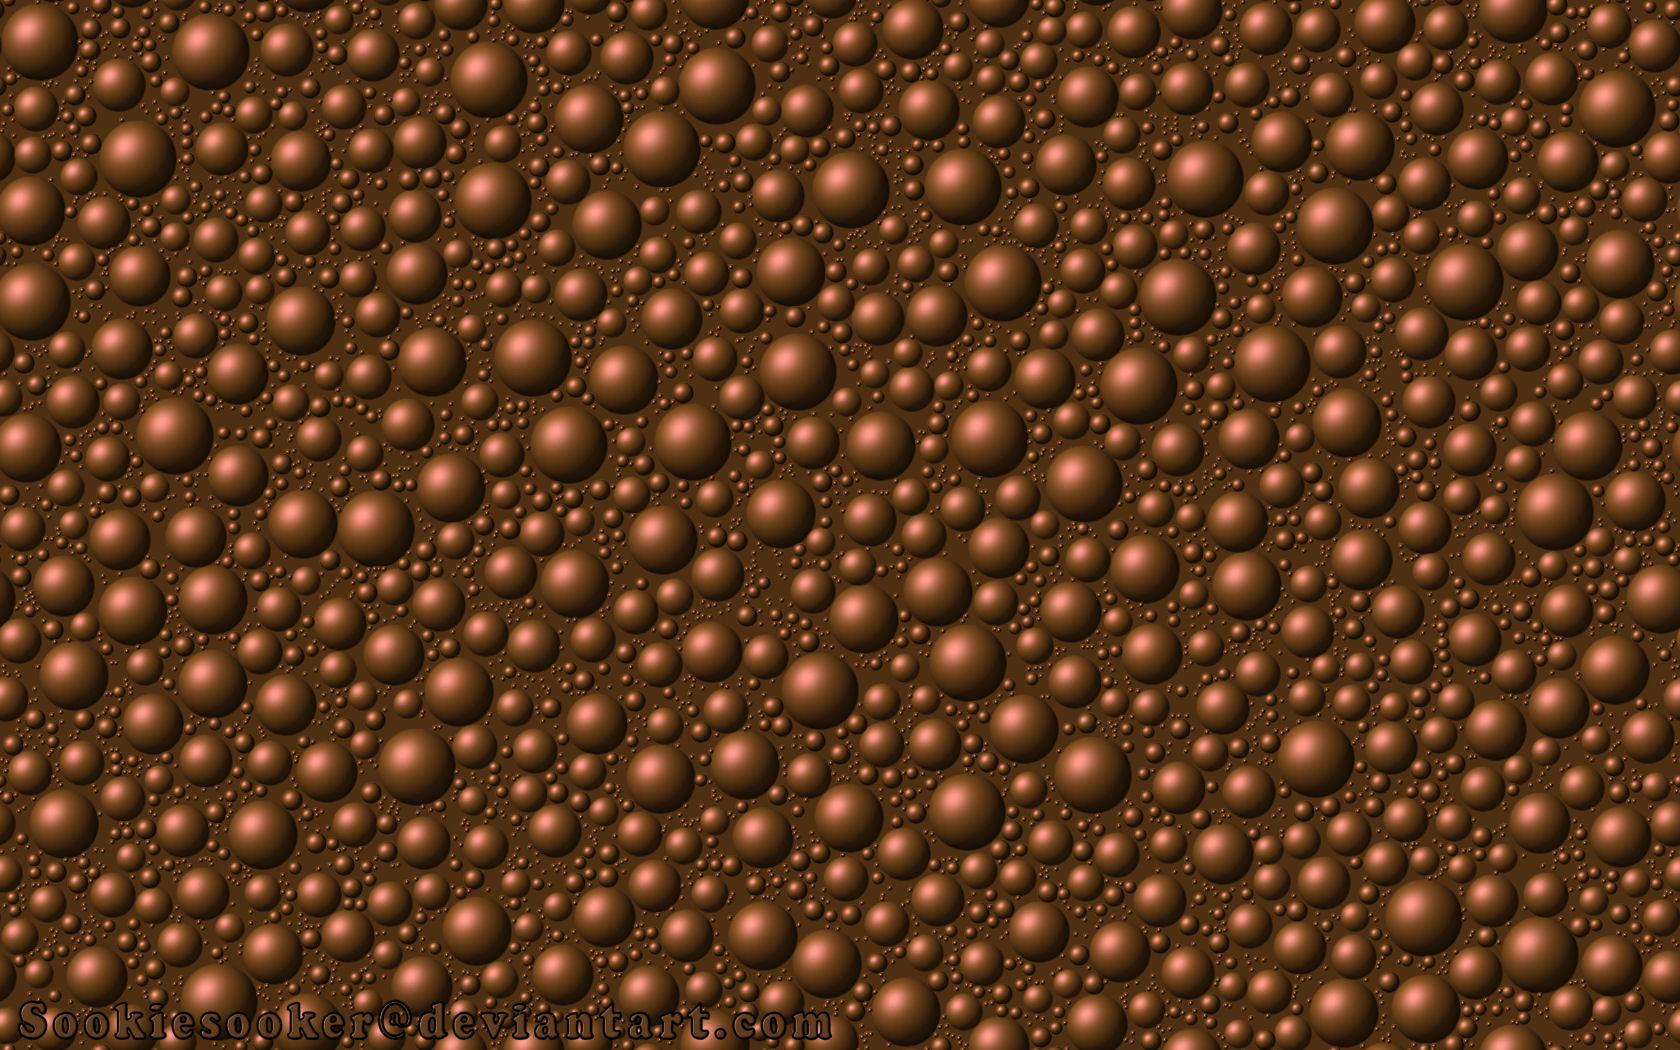 Chocolate Bubbles Wallpaper by sookiesooker